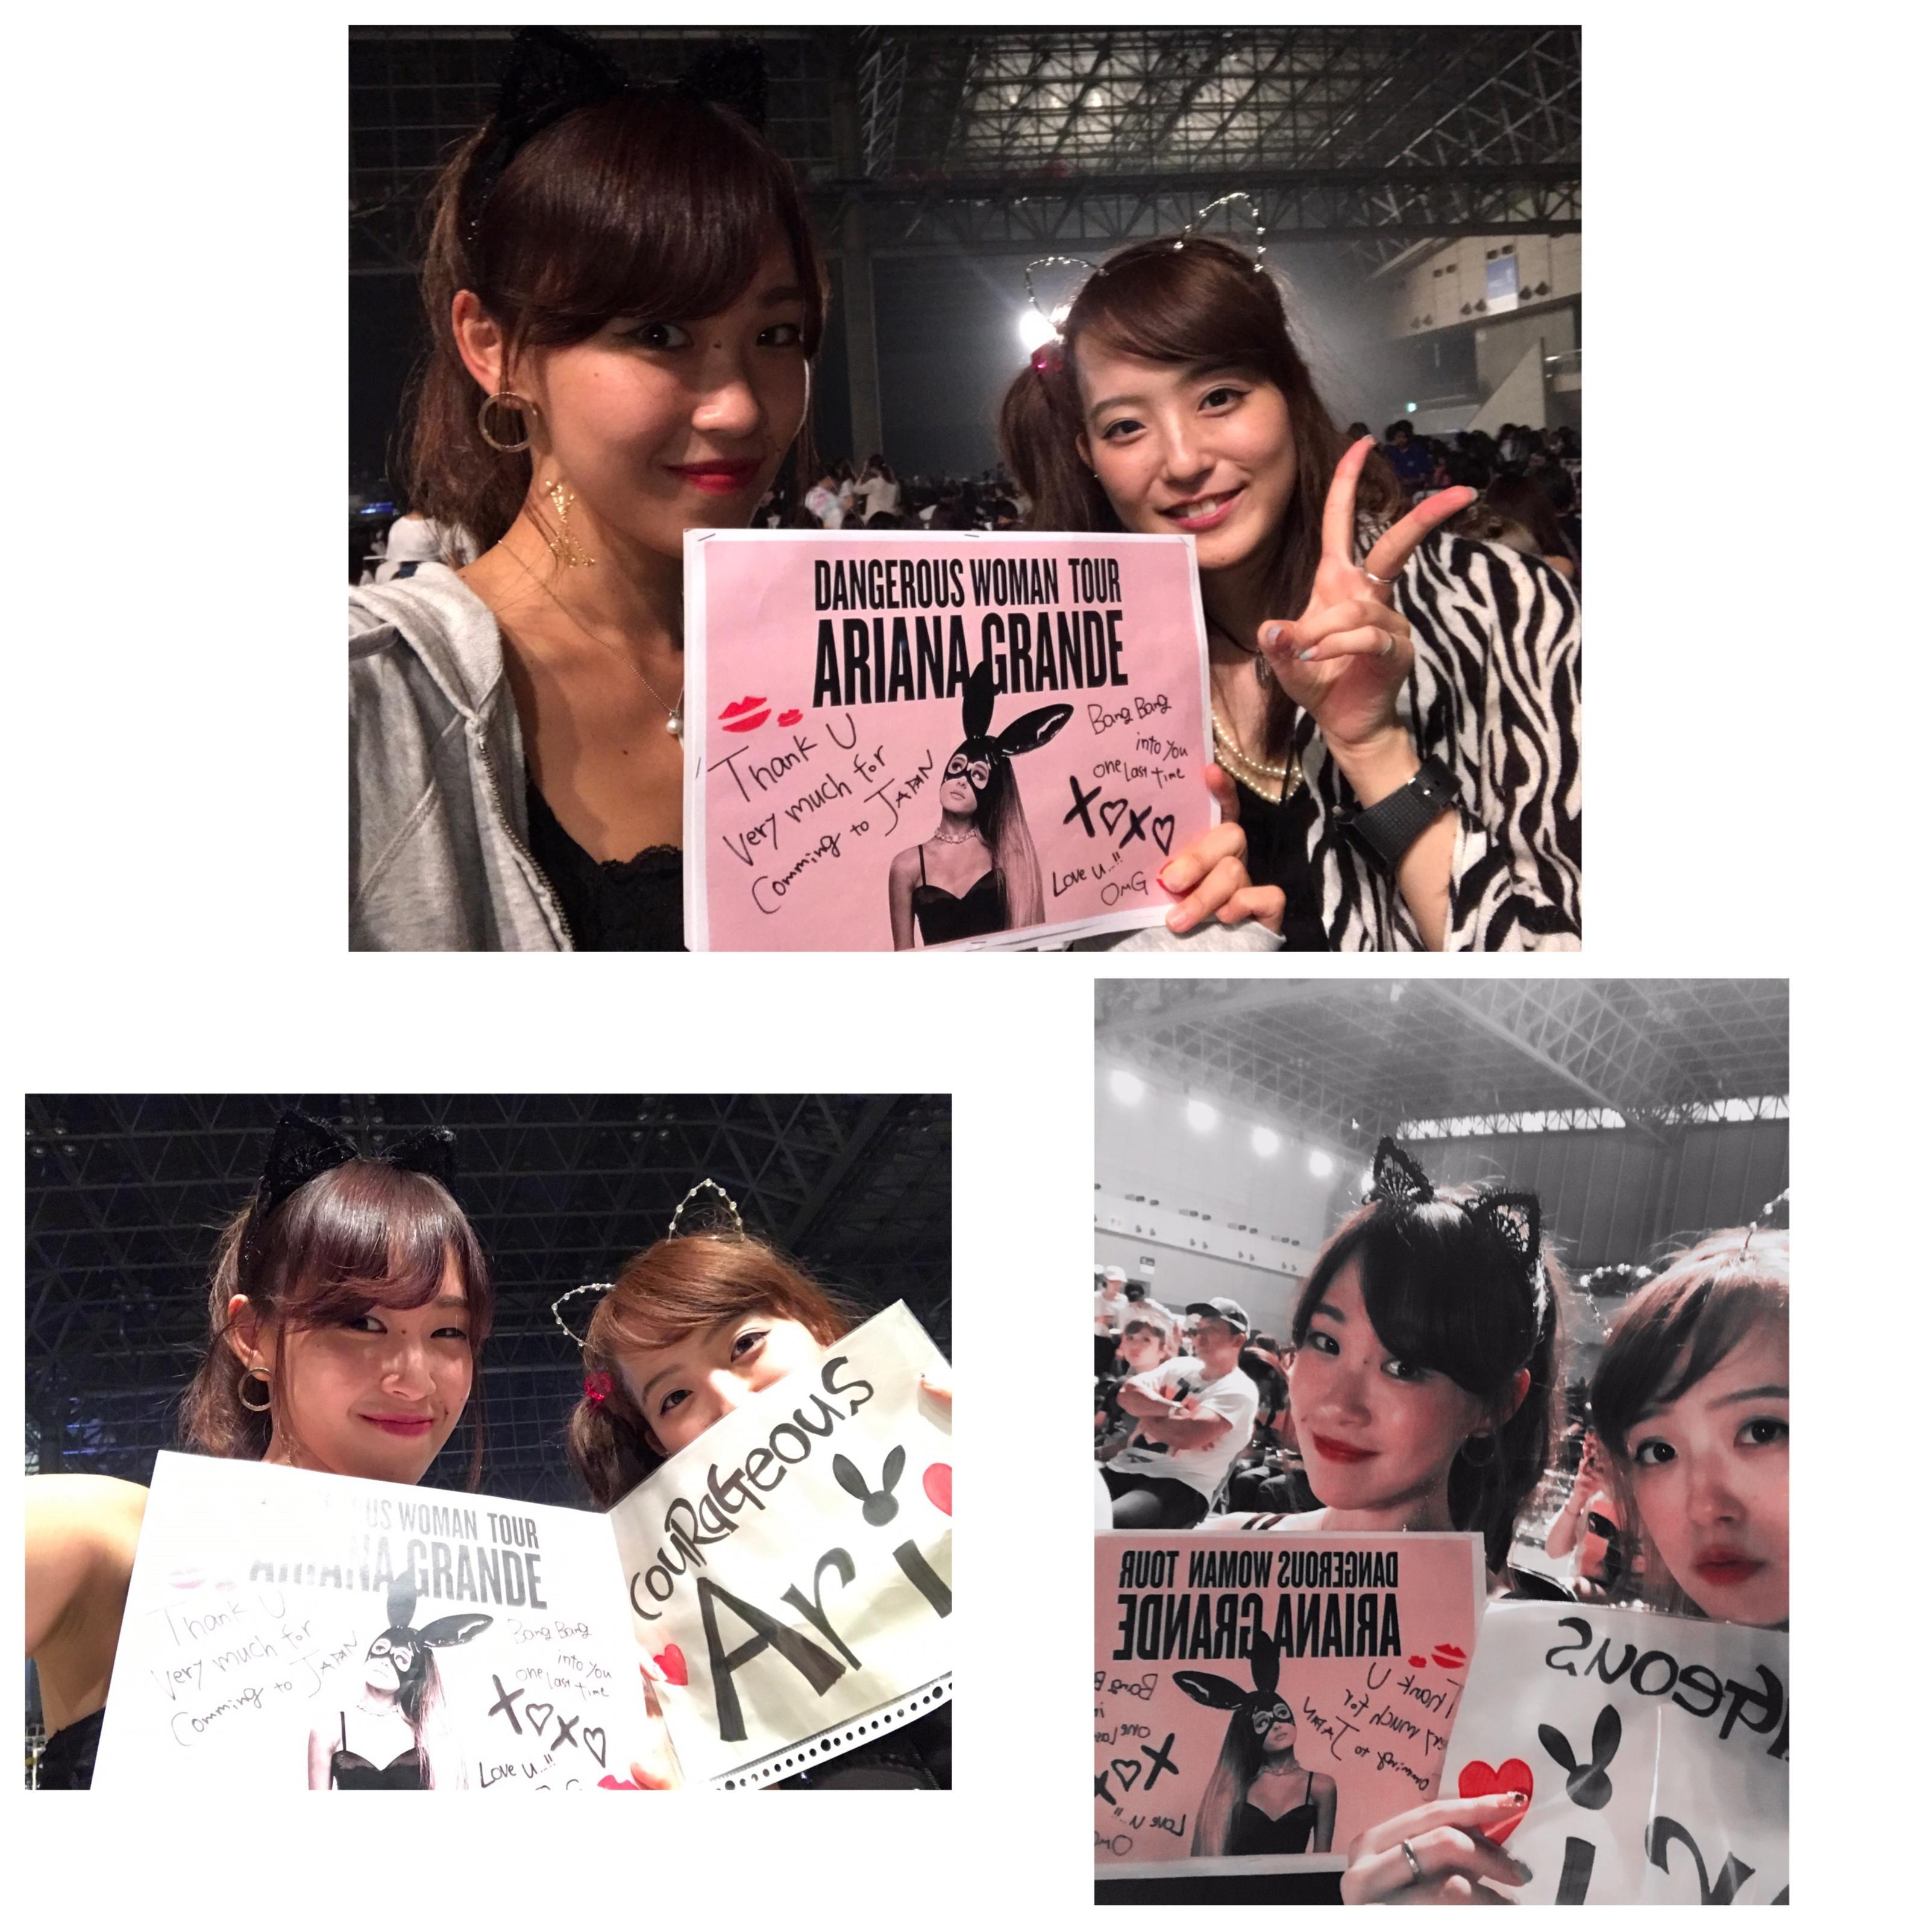 【❤︎❤︎❤︎】アリアナグランデ #dangerouswomantour に行ってきたああああ!!_2